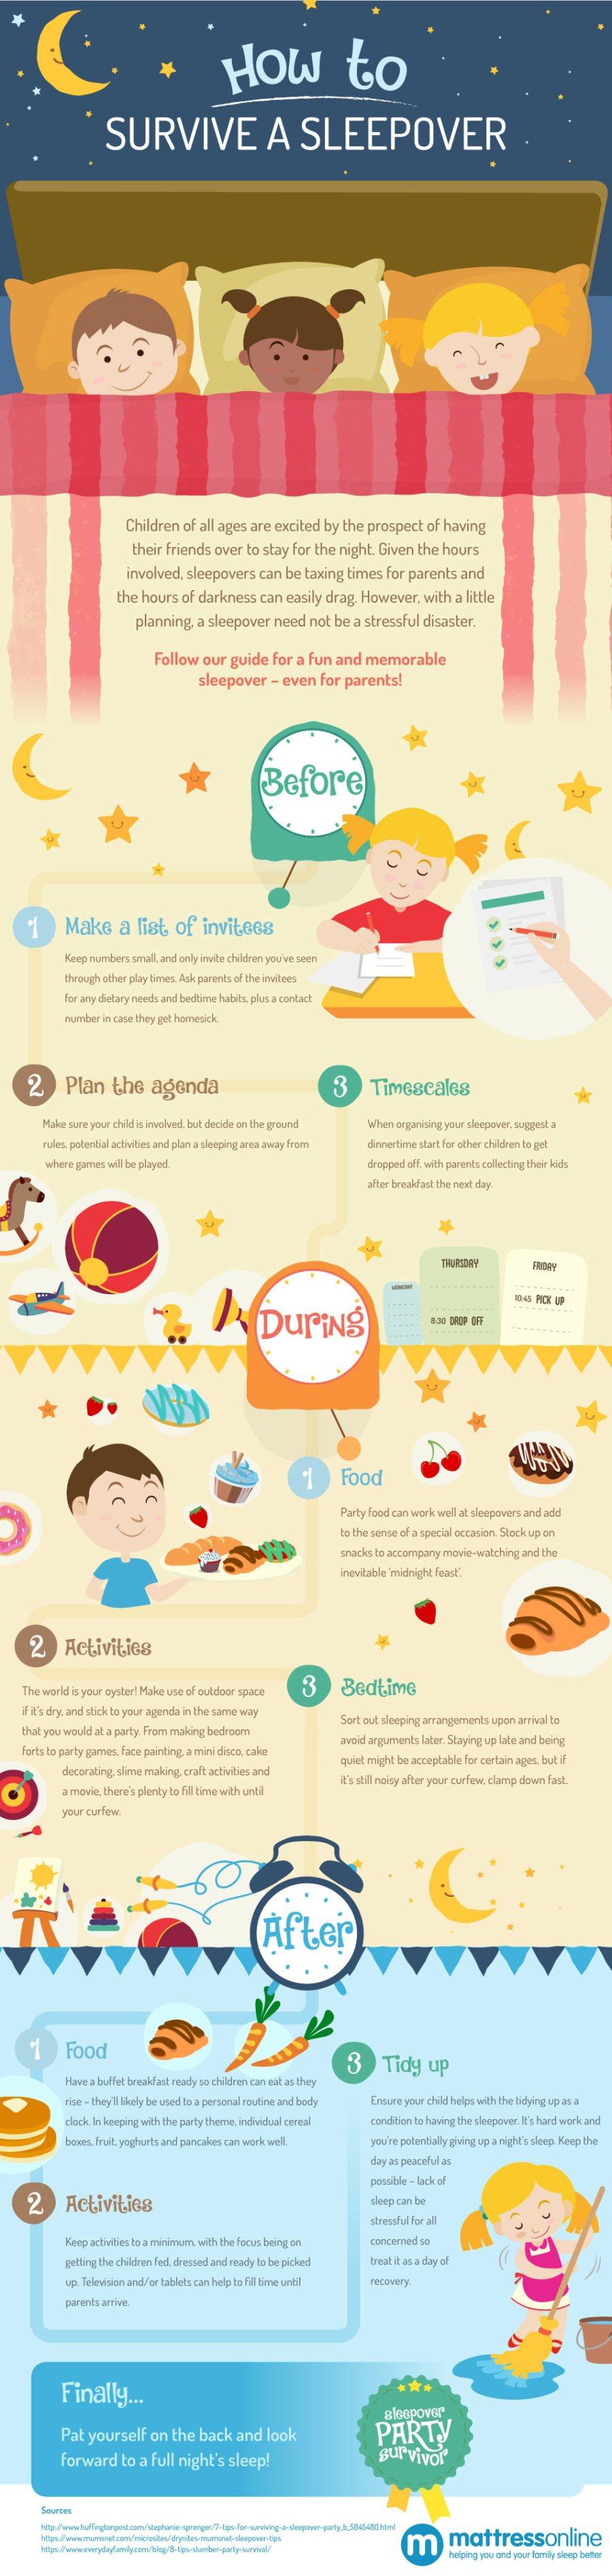 sleepover infographic